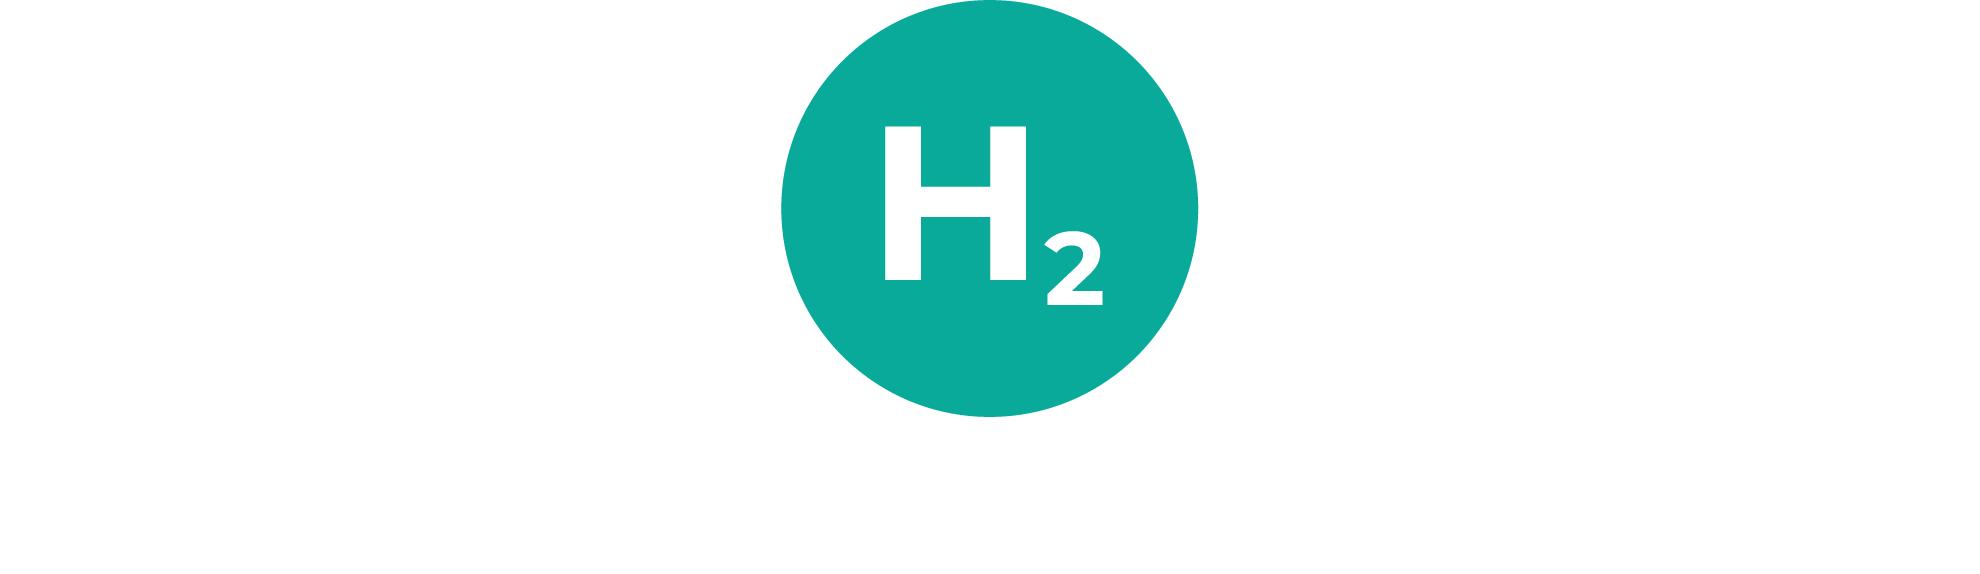 """<a href=""""#schritt3"""">Emisssionfreier Fernverkehr mit E-Lkw und Wasserstoff aus erneuerbaren Energien</a>"""